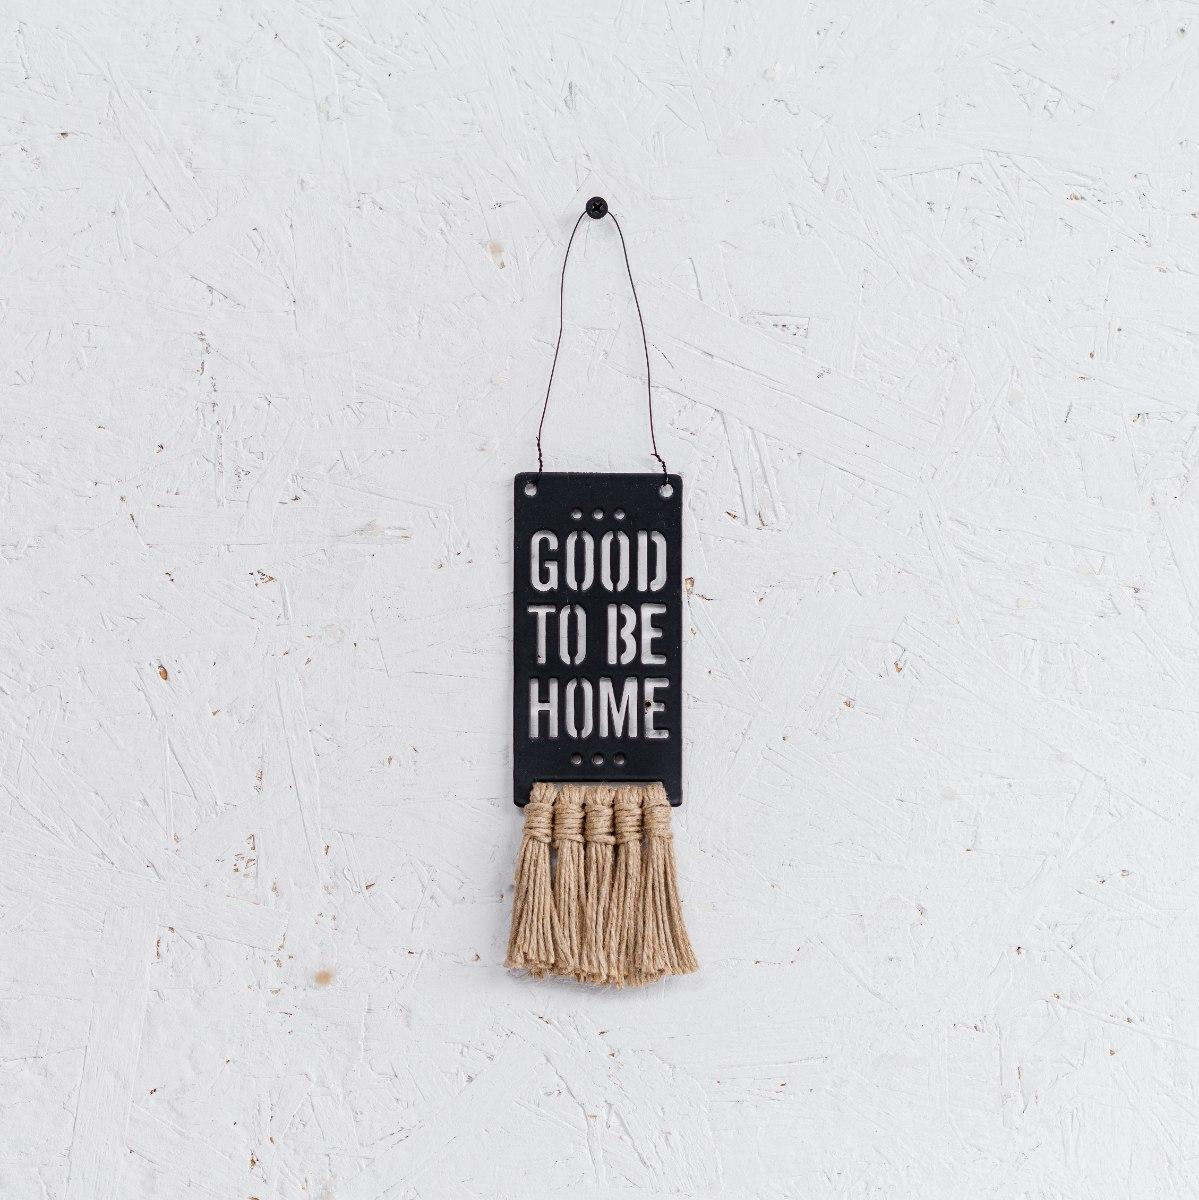 שלט מתכת קטן עם פרנזים (יוטה) - GOOD TO BE HOME